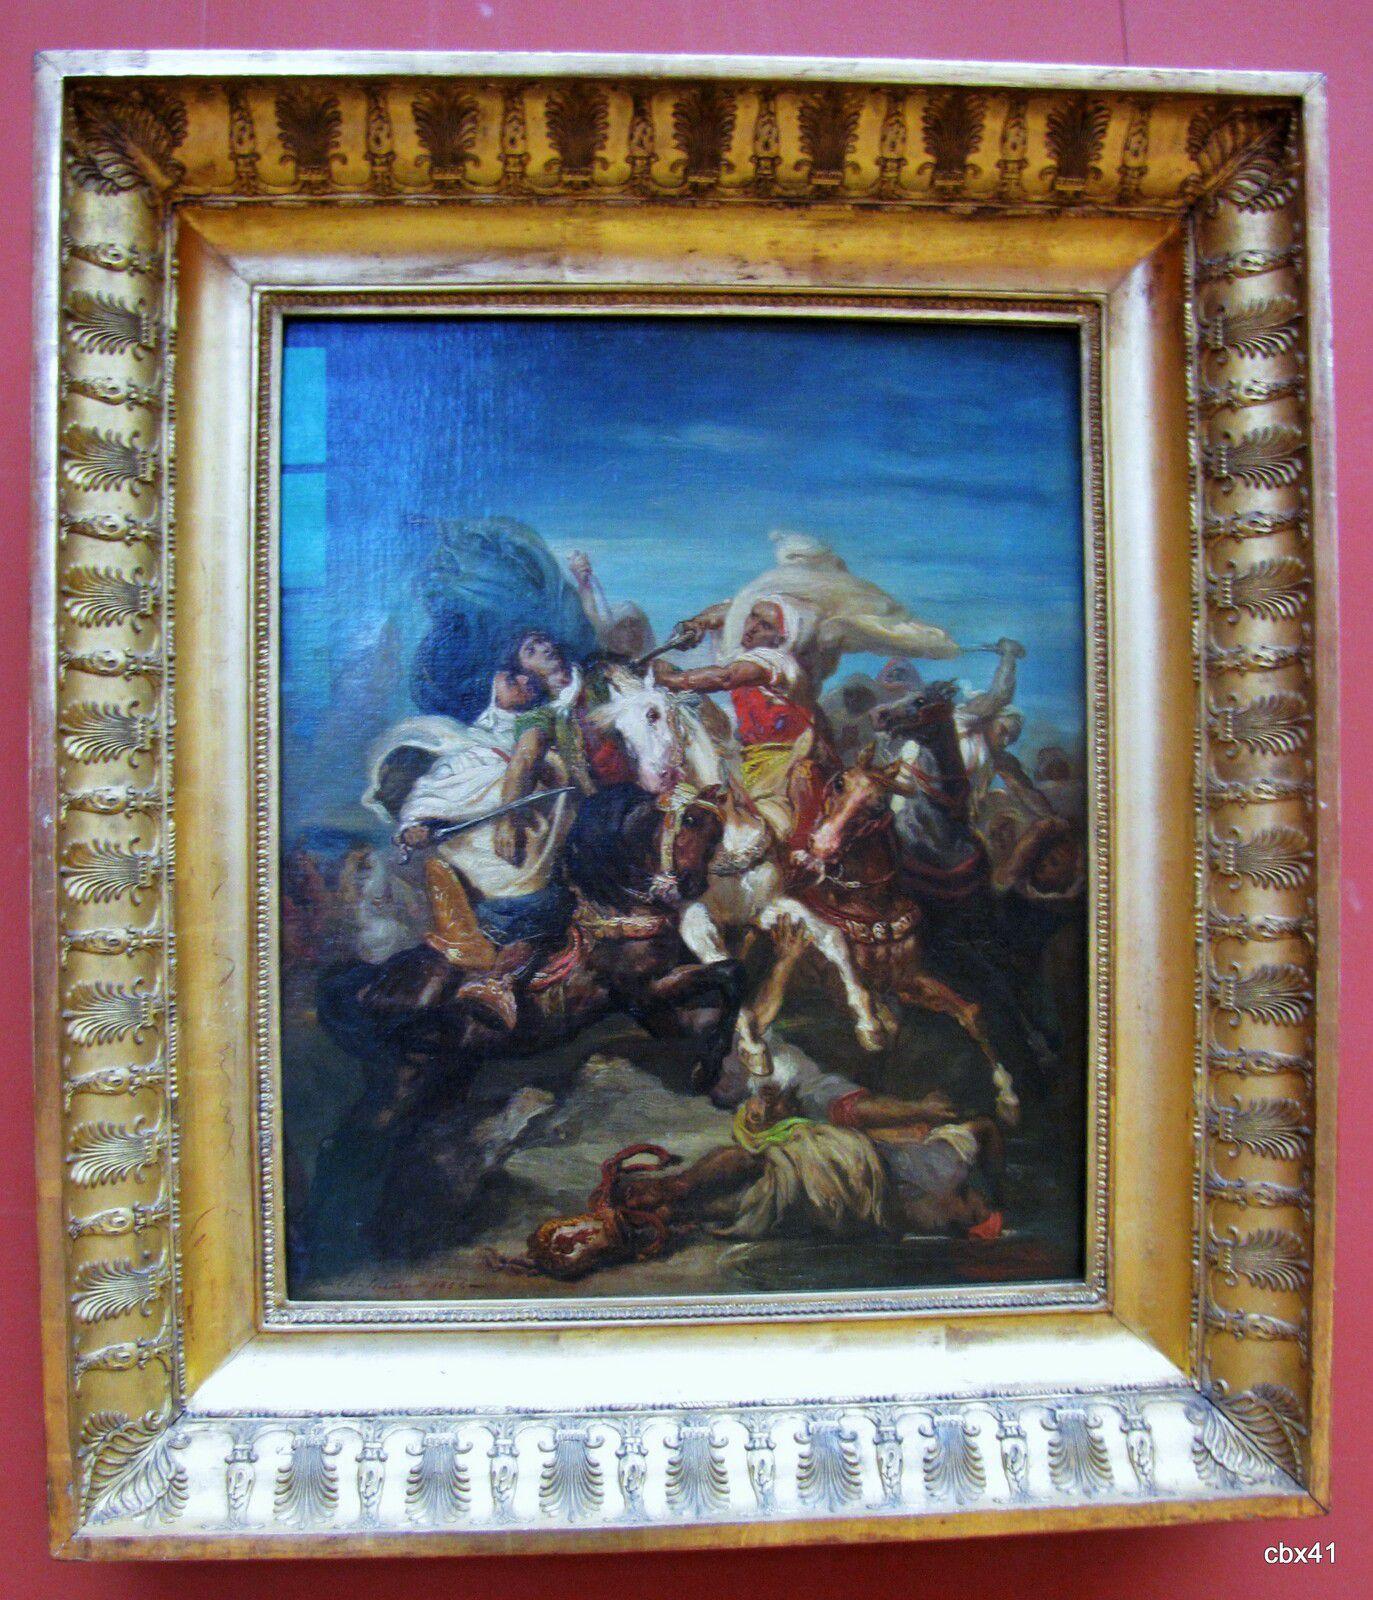 Théodore Chassériau, Combat de cavaliers arabes